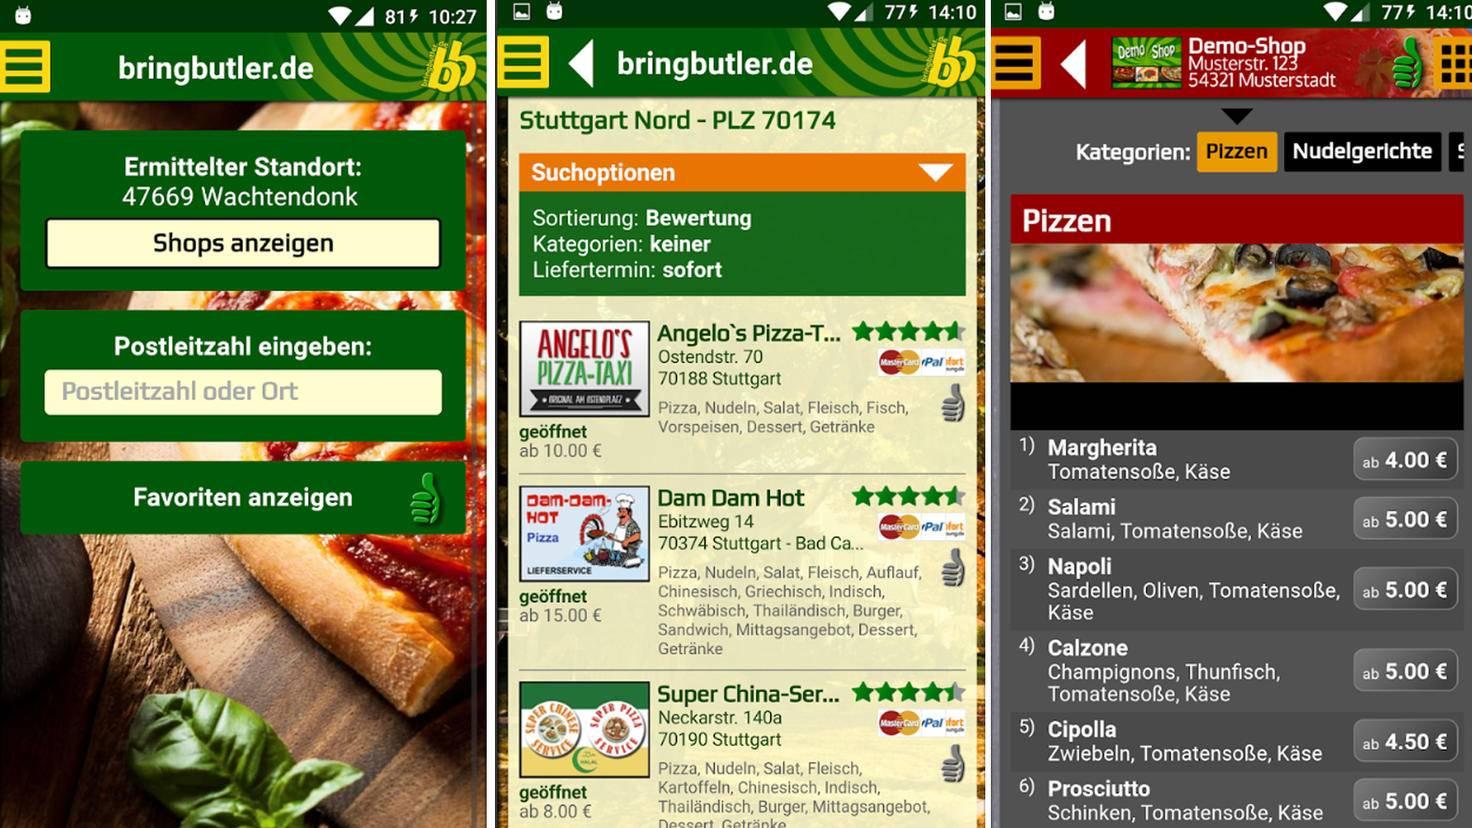 Nicht von der Optik abschrecken lassen: Bringbutler ist eine praktische Lieferservice-App.